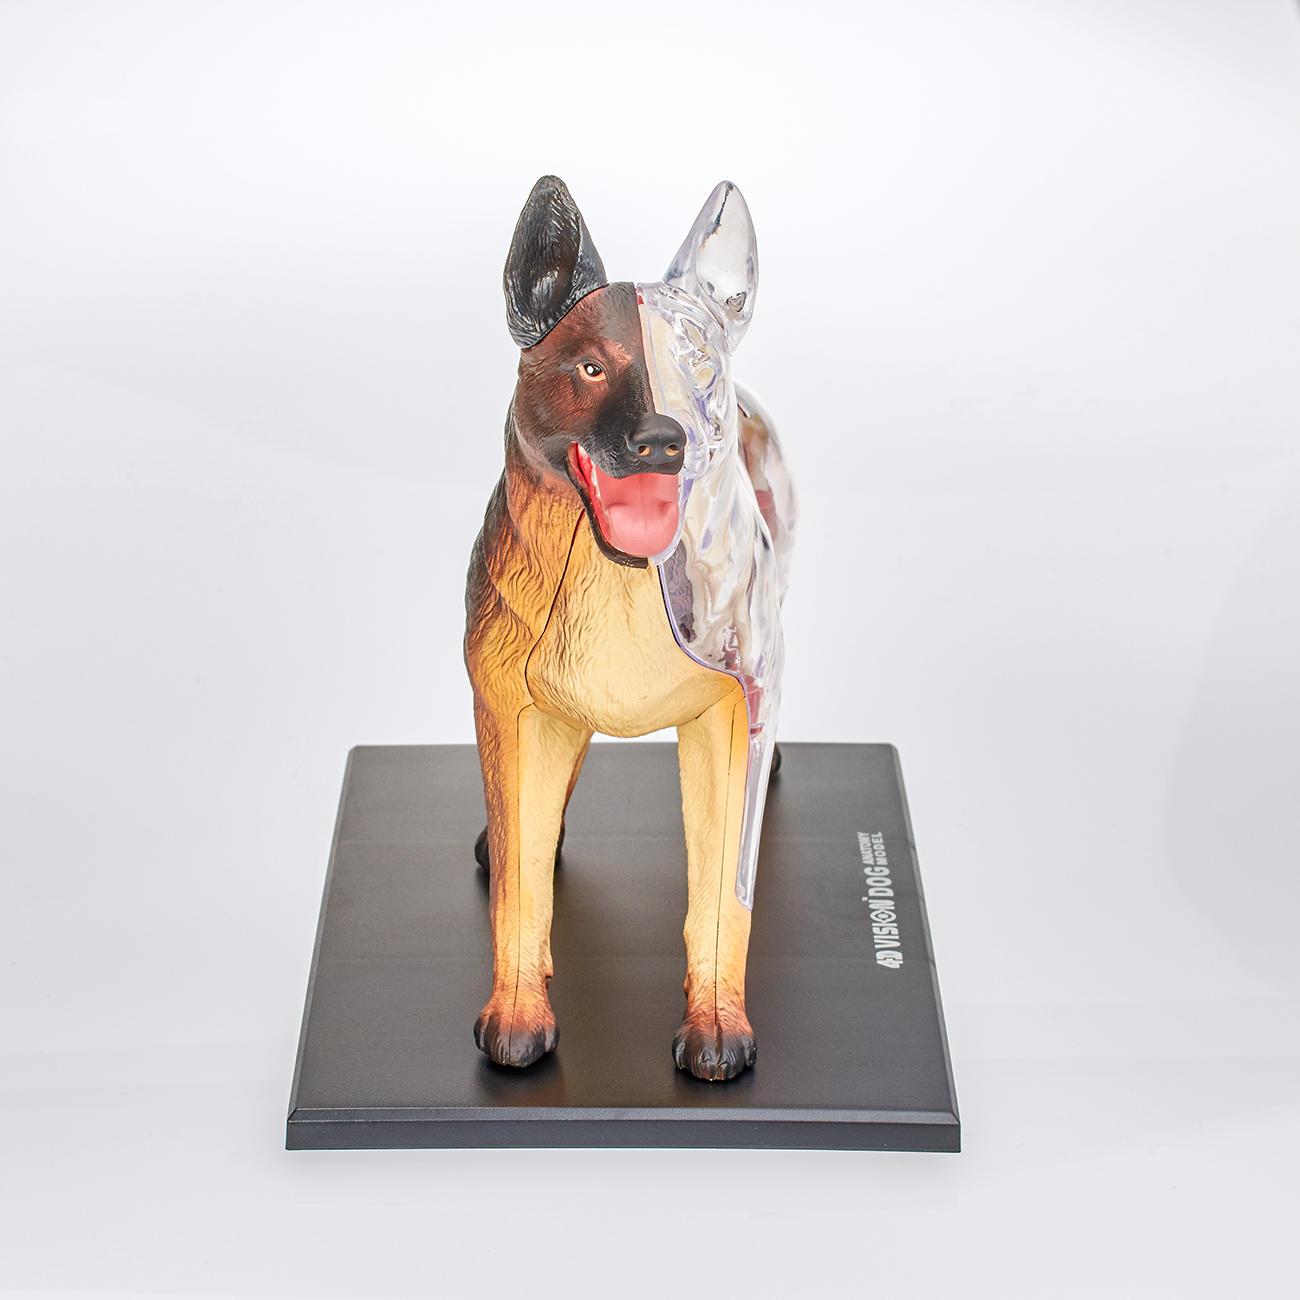 Großzügig 3d Anatomie Hund Ideen - Menschliche Anatomie Bilder ...